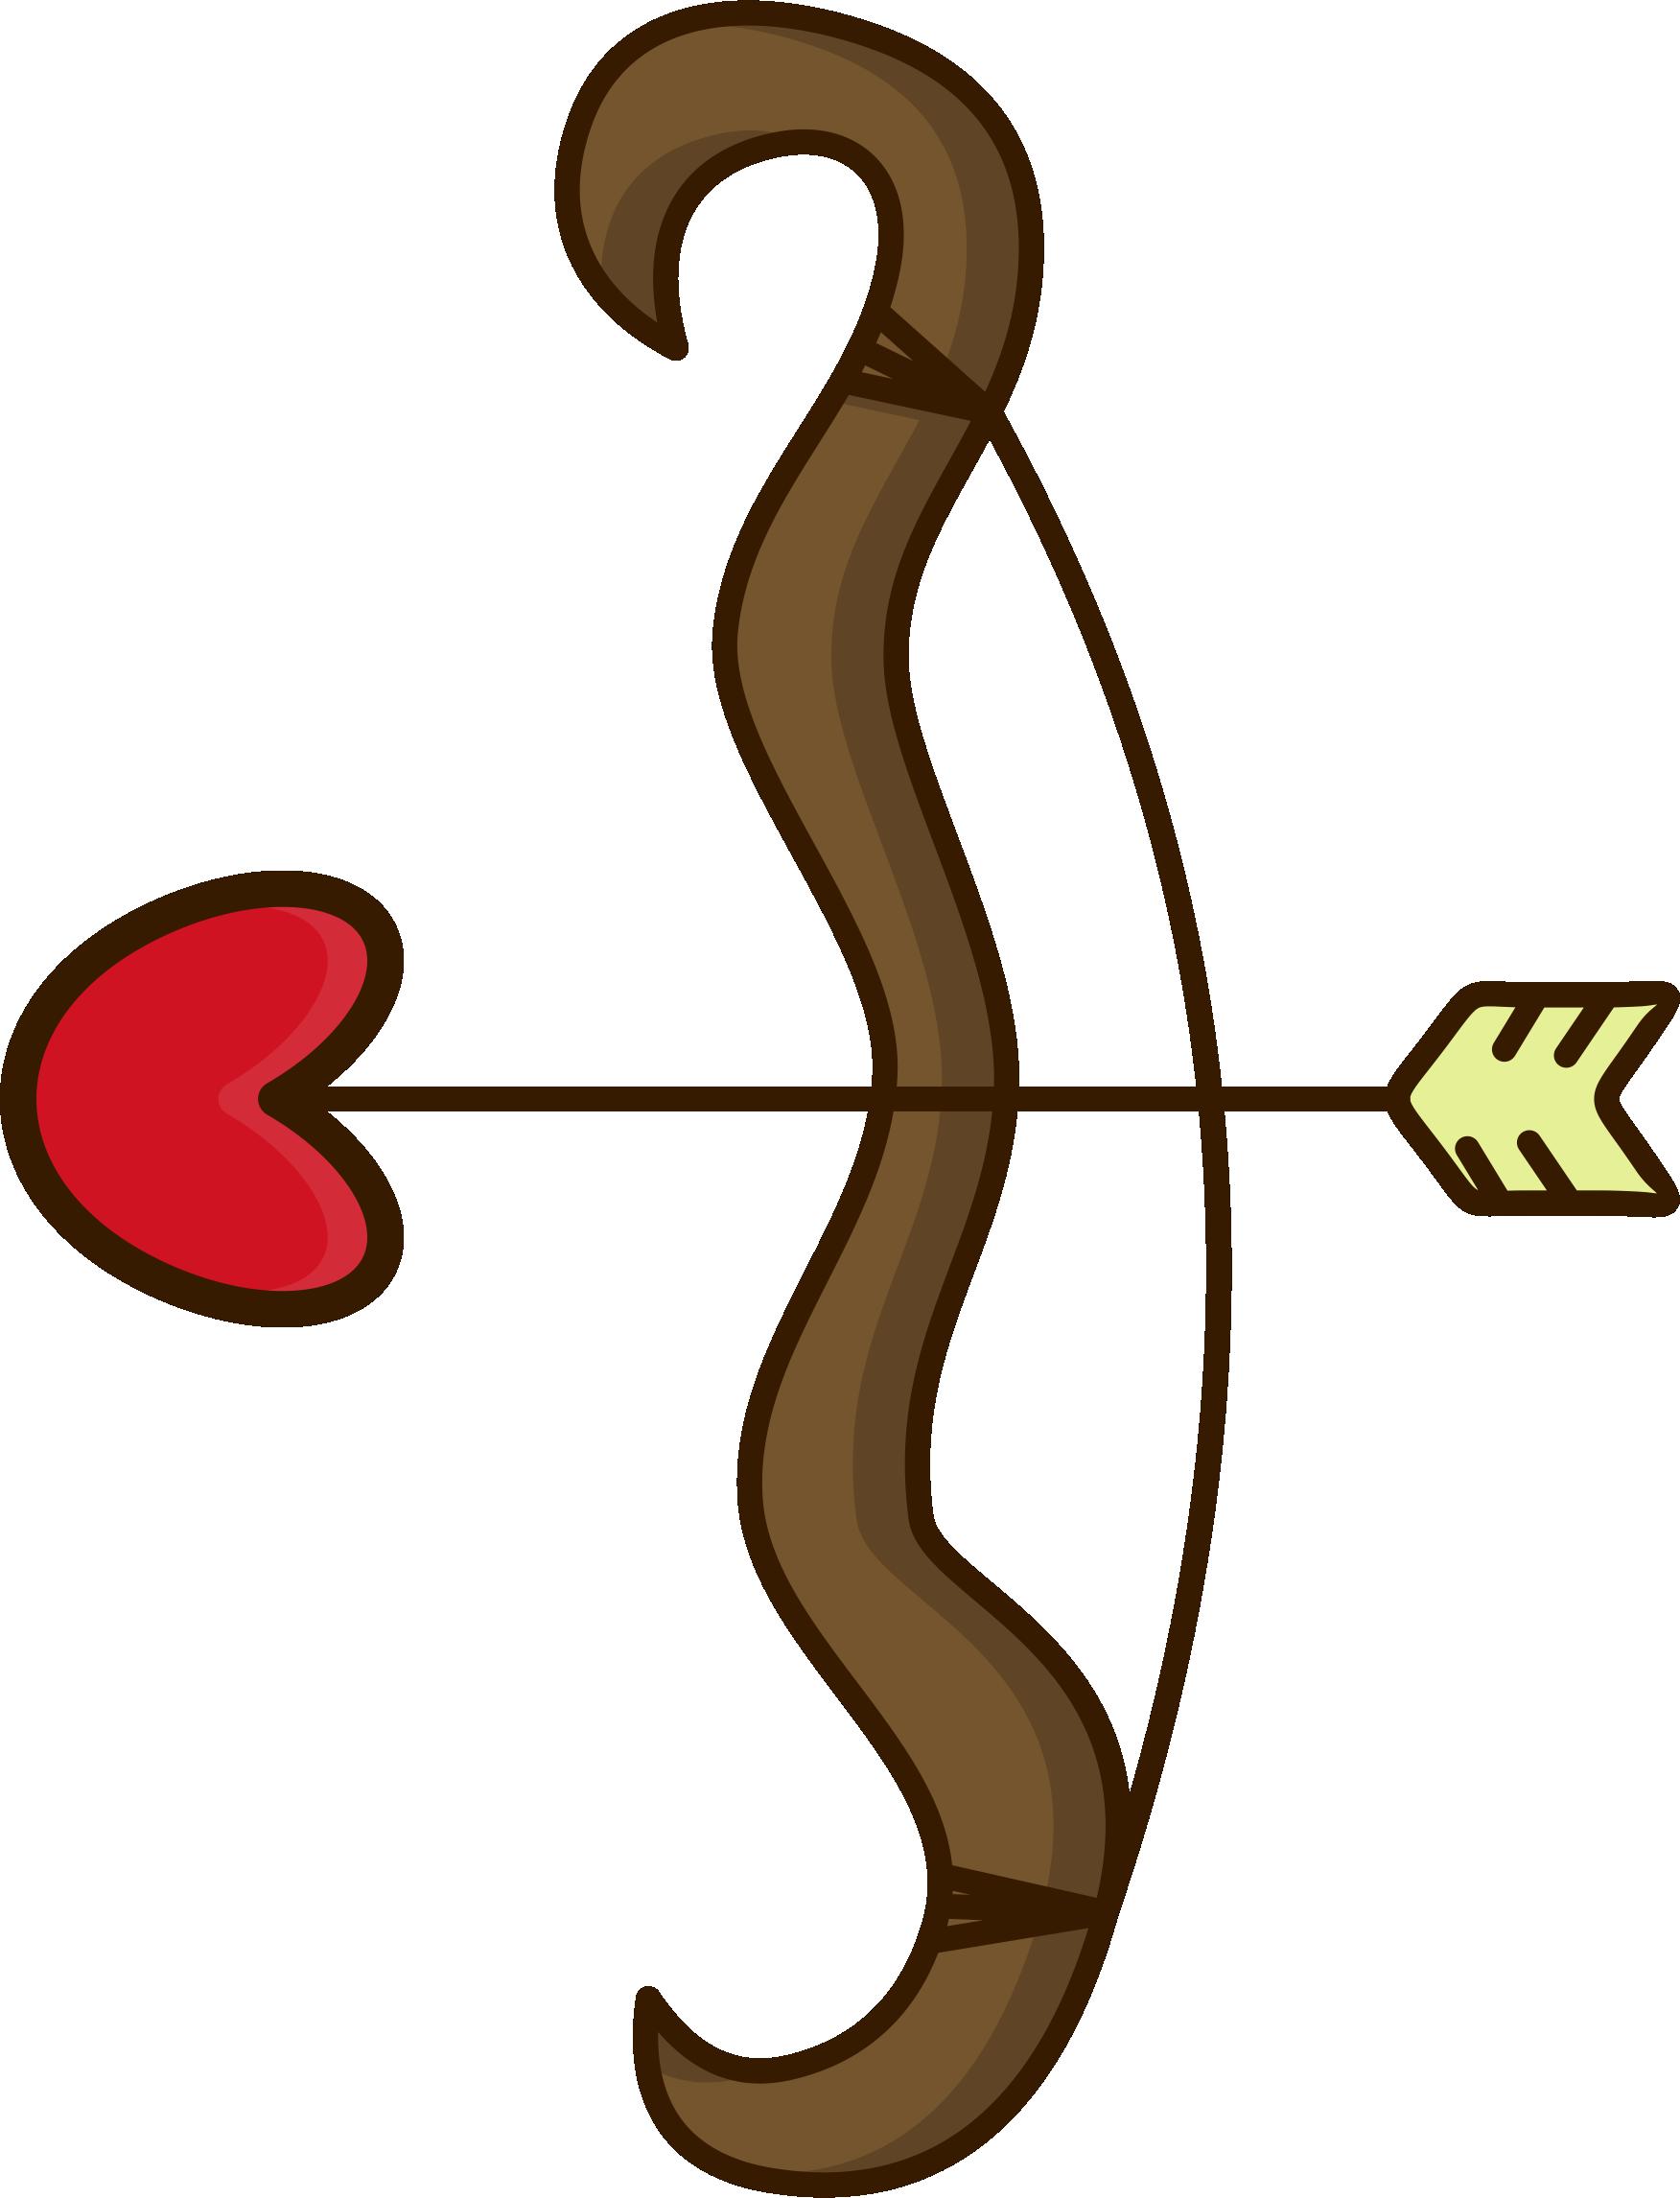 arco e flecha 1